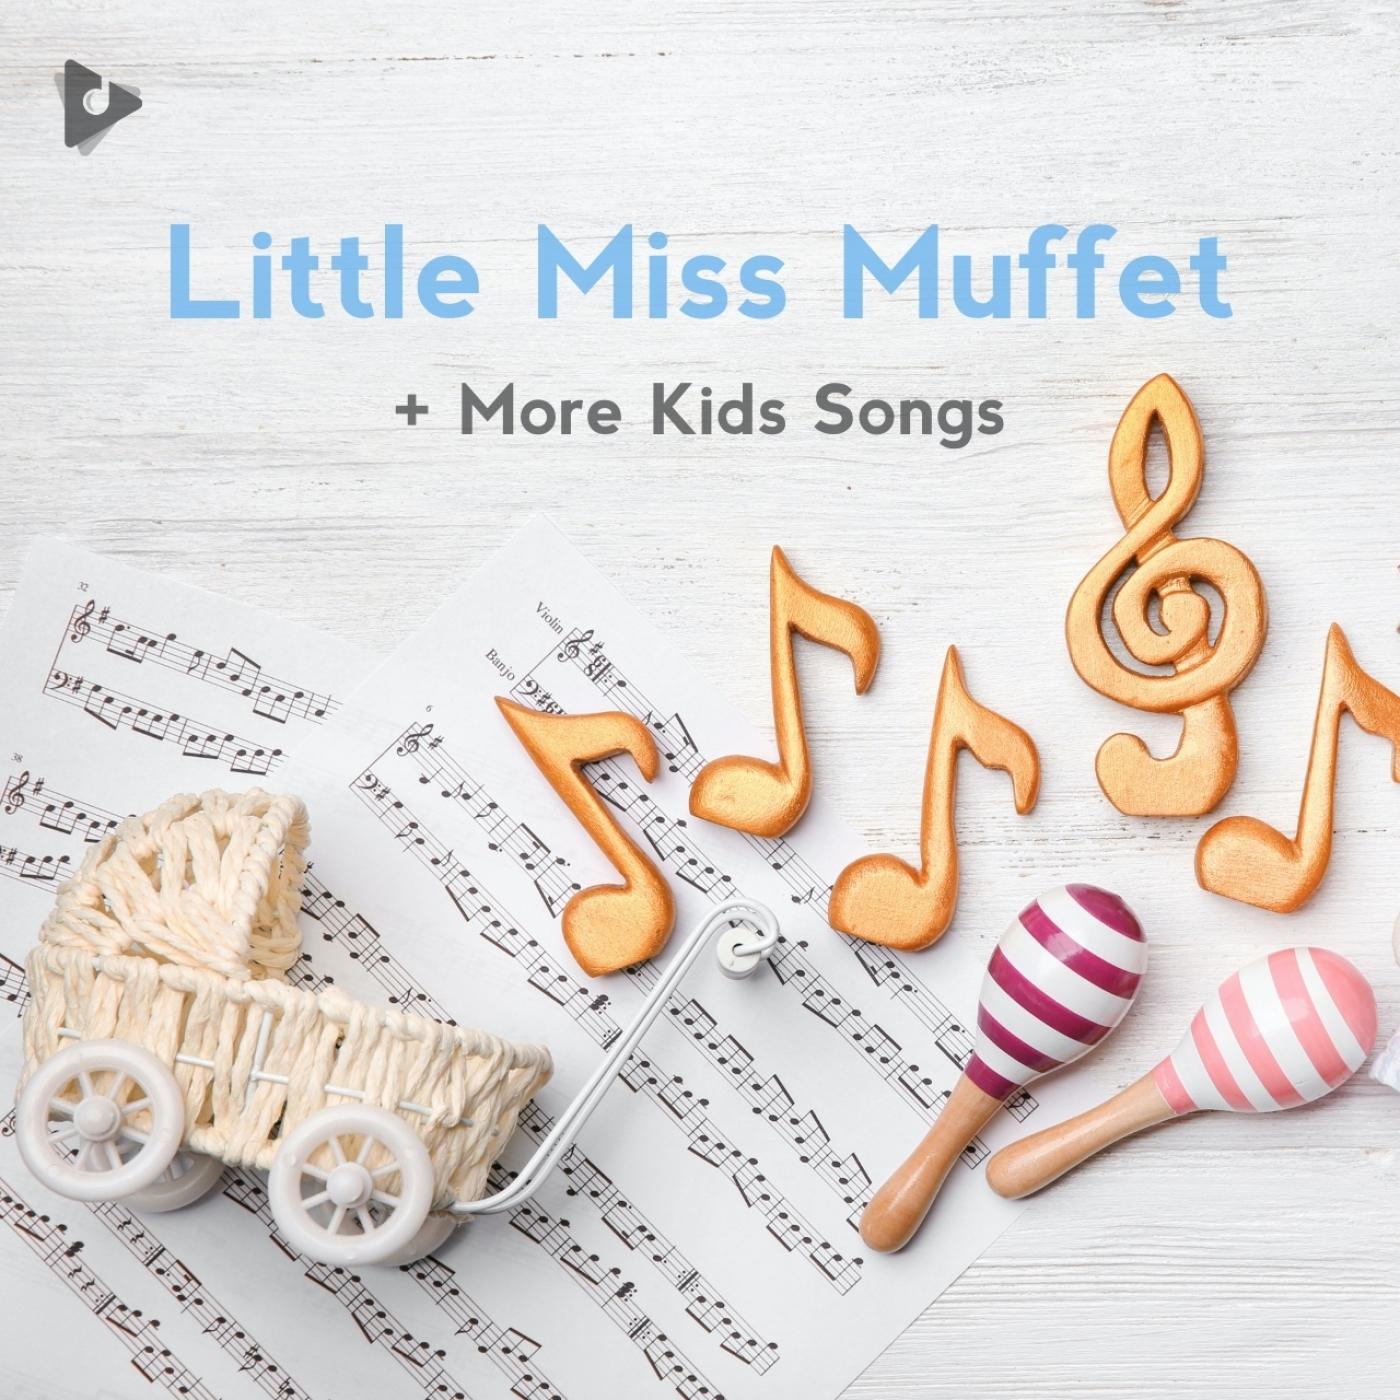 Little Miss Muffet + More Kids Songs